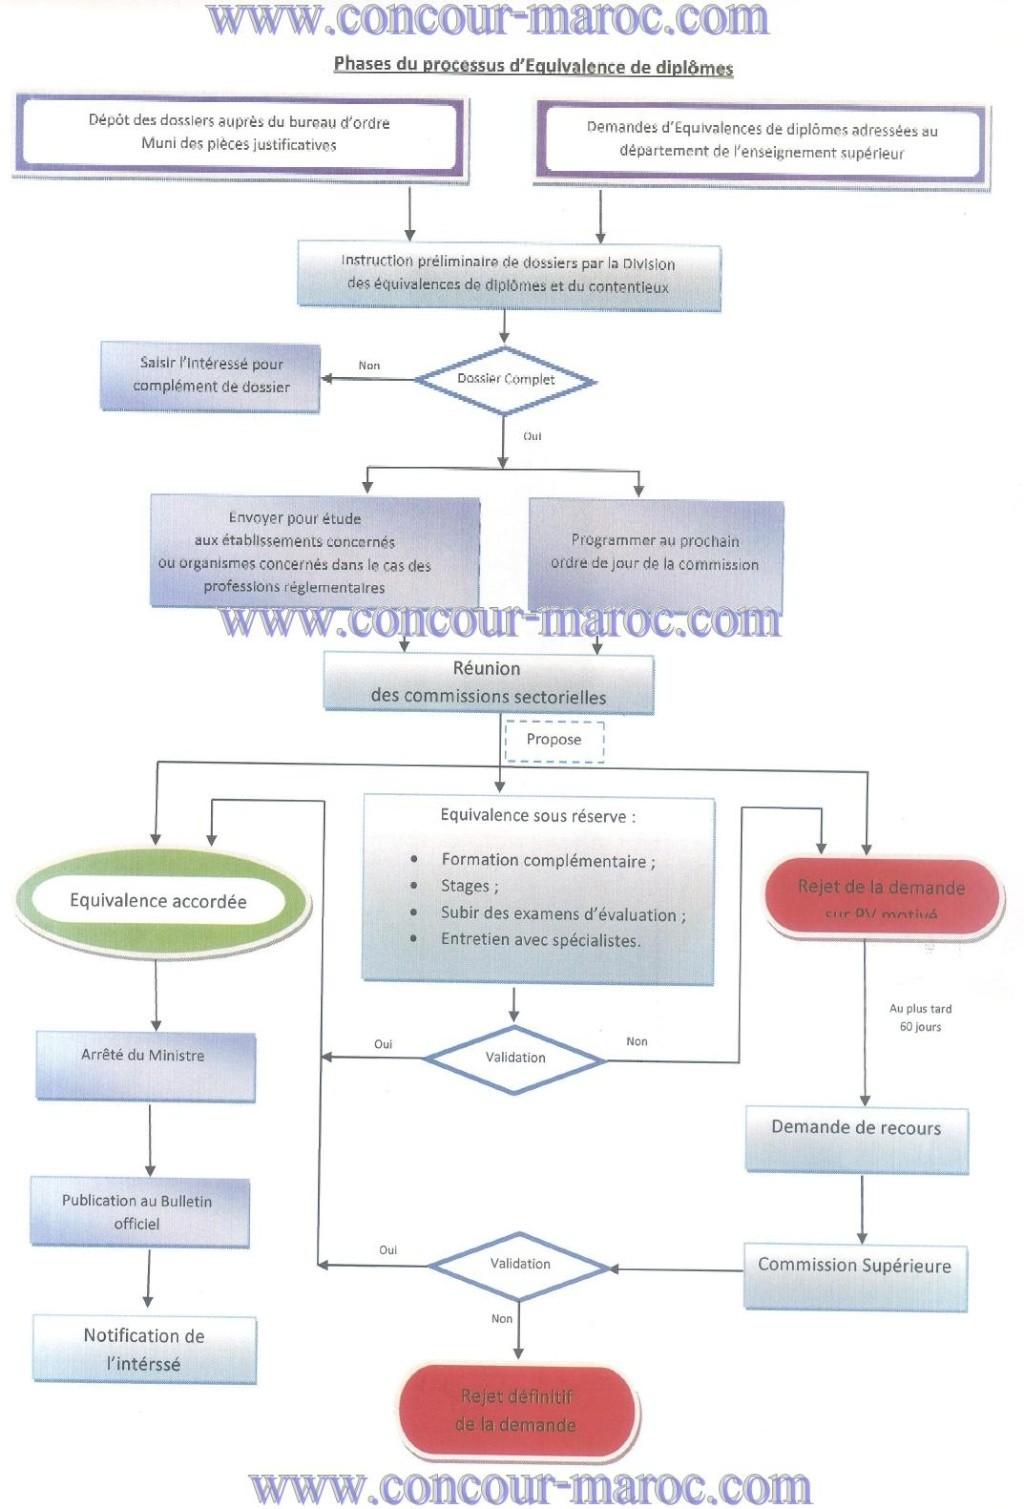 Constitution du dossier d'équivalence des diplômes  Phases10